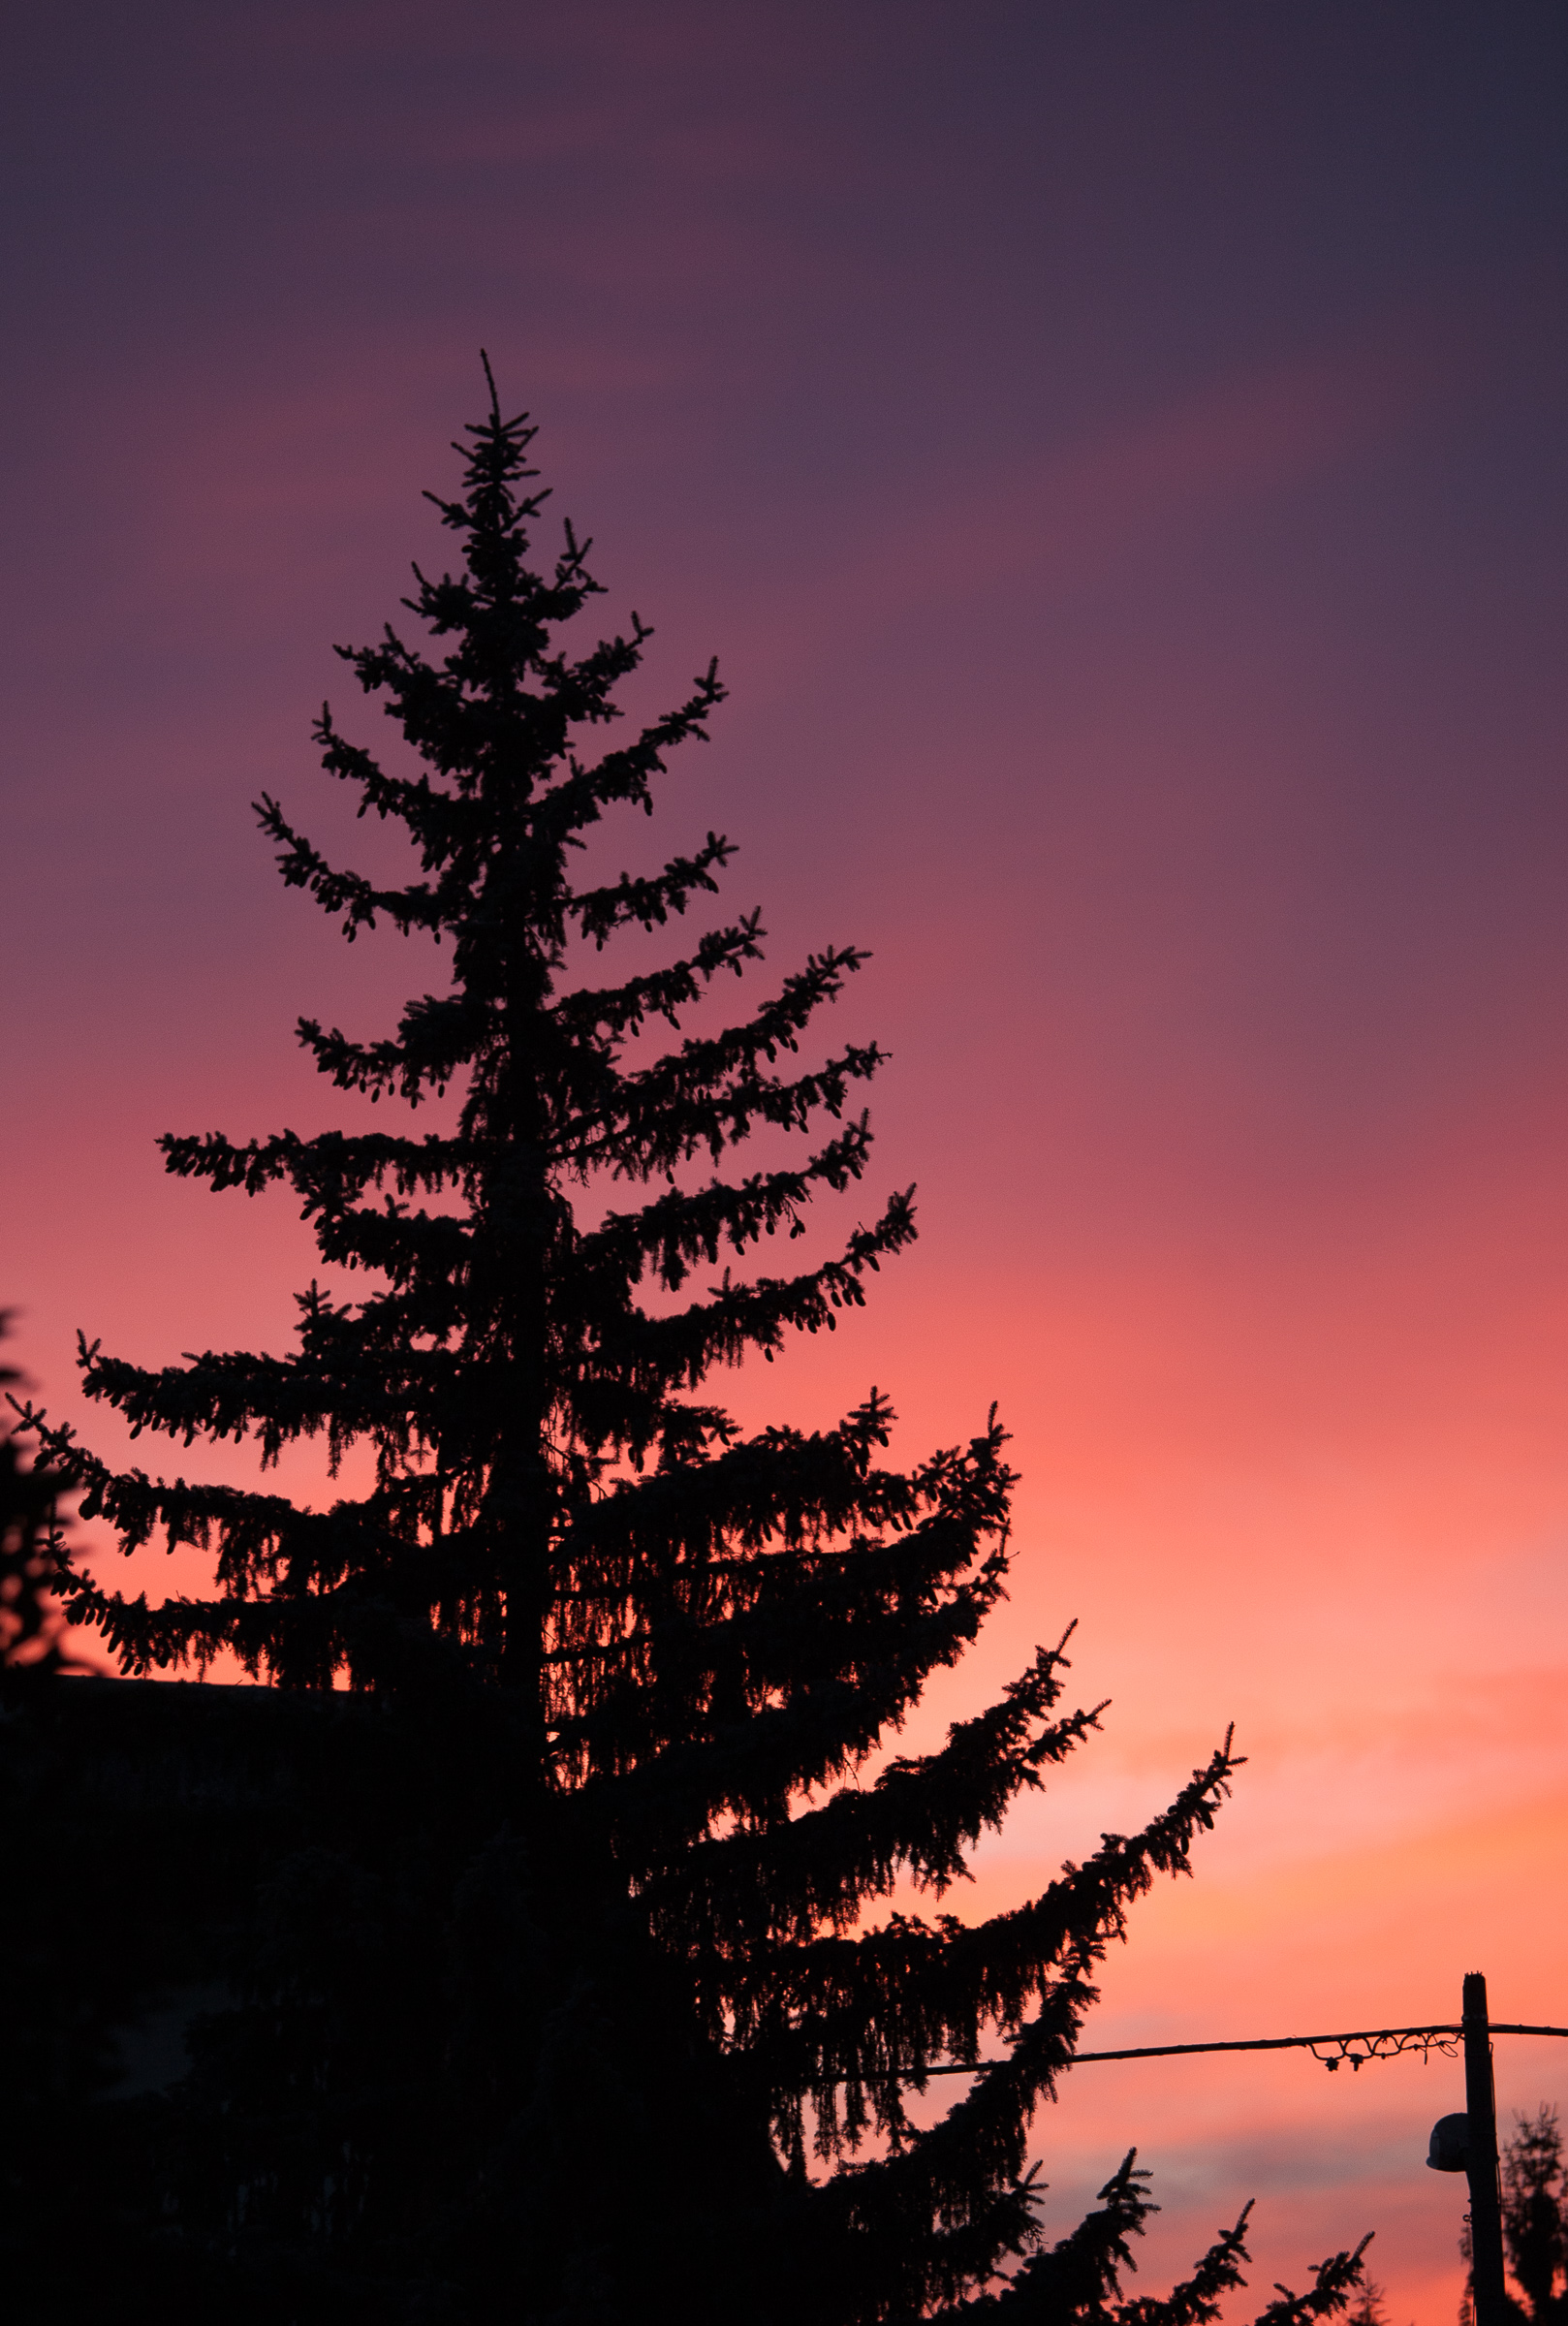 scandroglio-120228-tramontoShilouette-3308